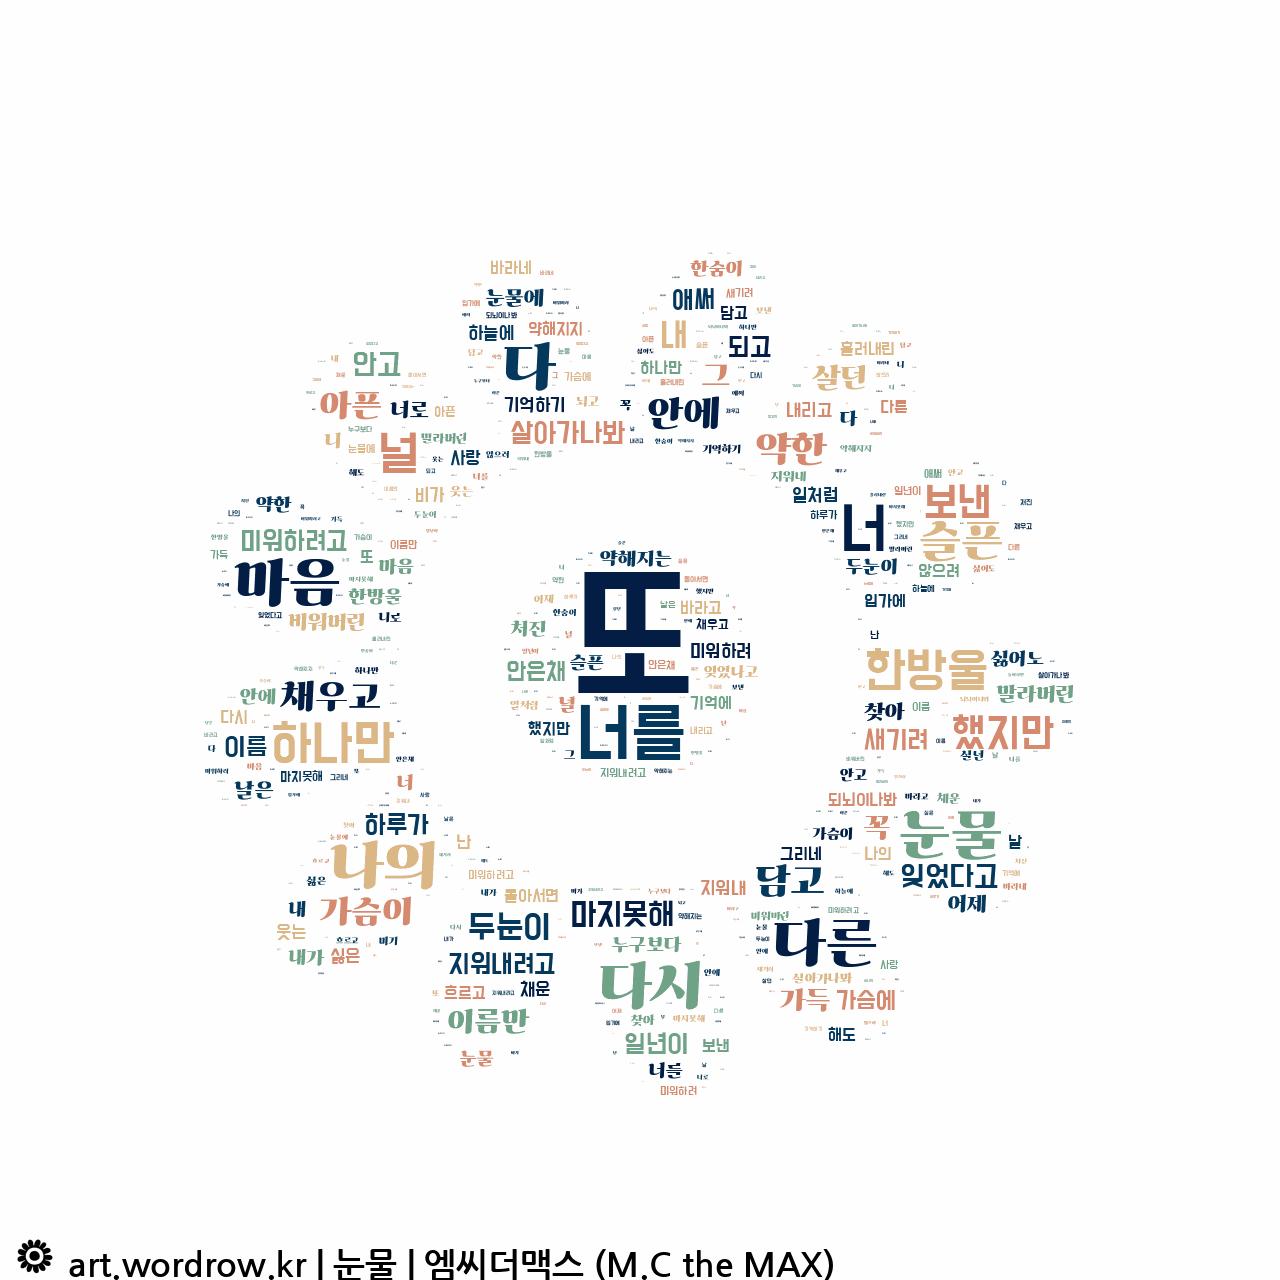 워드 클라우드: 눈물 [엠씨더맥스 (M.C the MAX)]-4